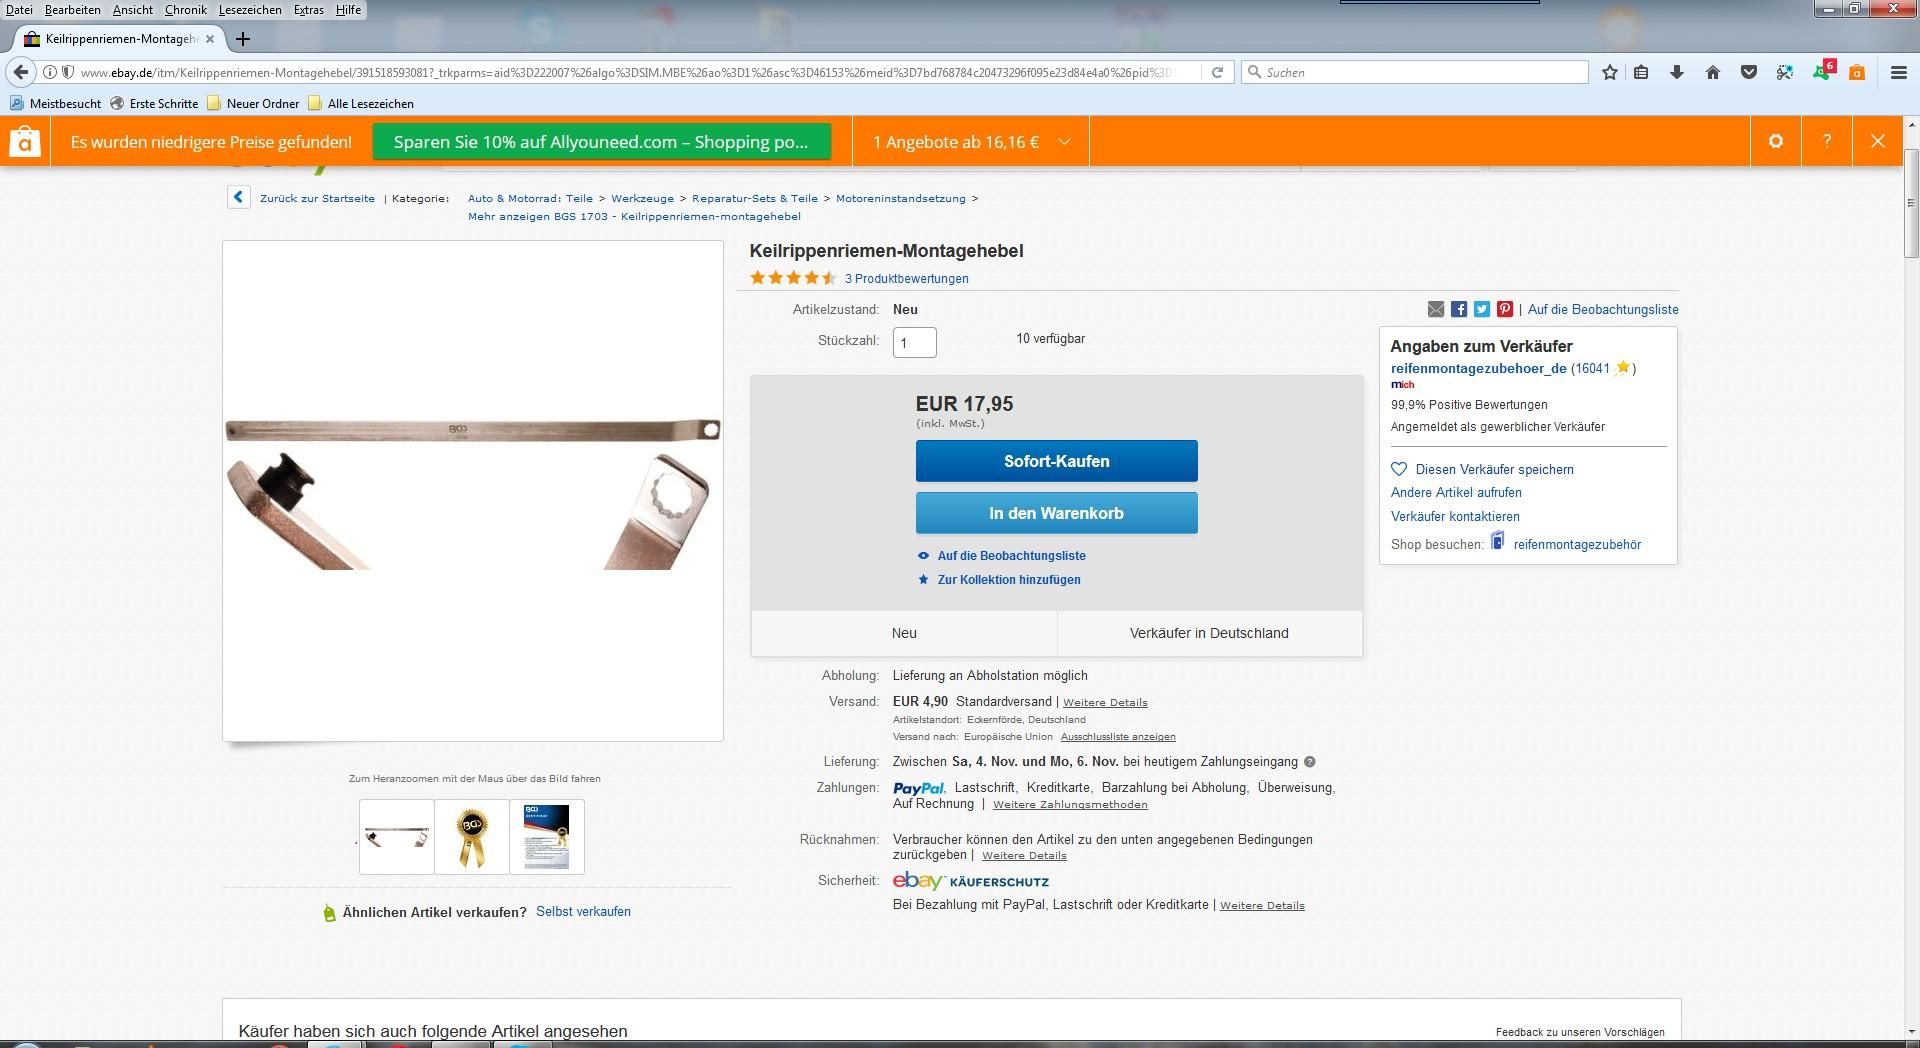 Schlüssel Ebay.jpg